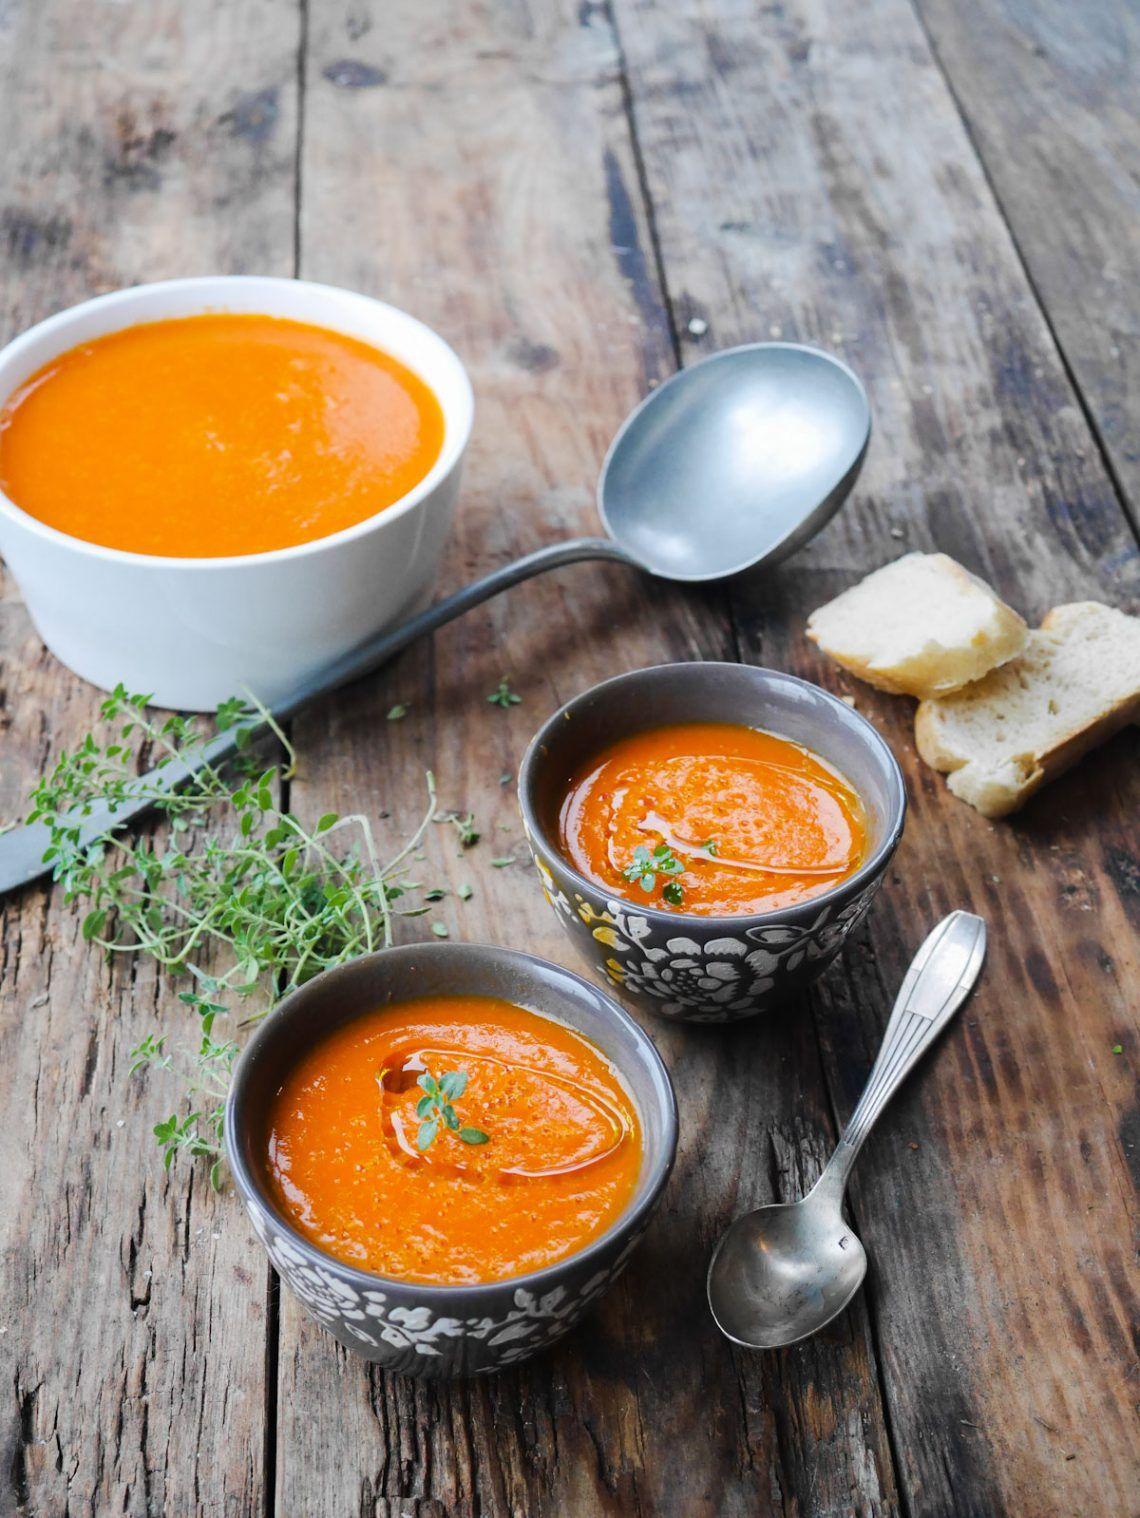 Soupe de poivrons rôtis | Recette | Soupe de poivron rouge, Soupe poivron, Recette poivrons rouge